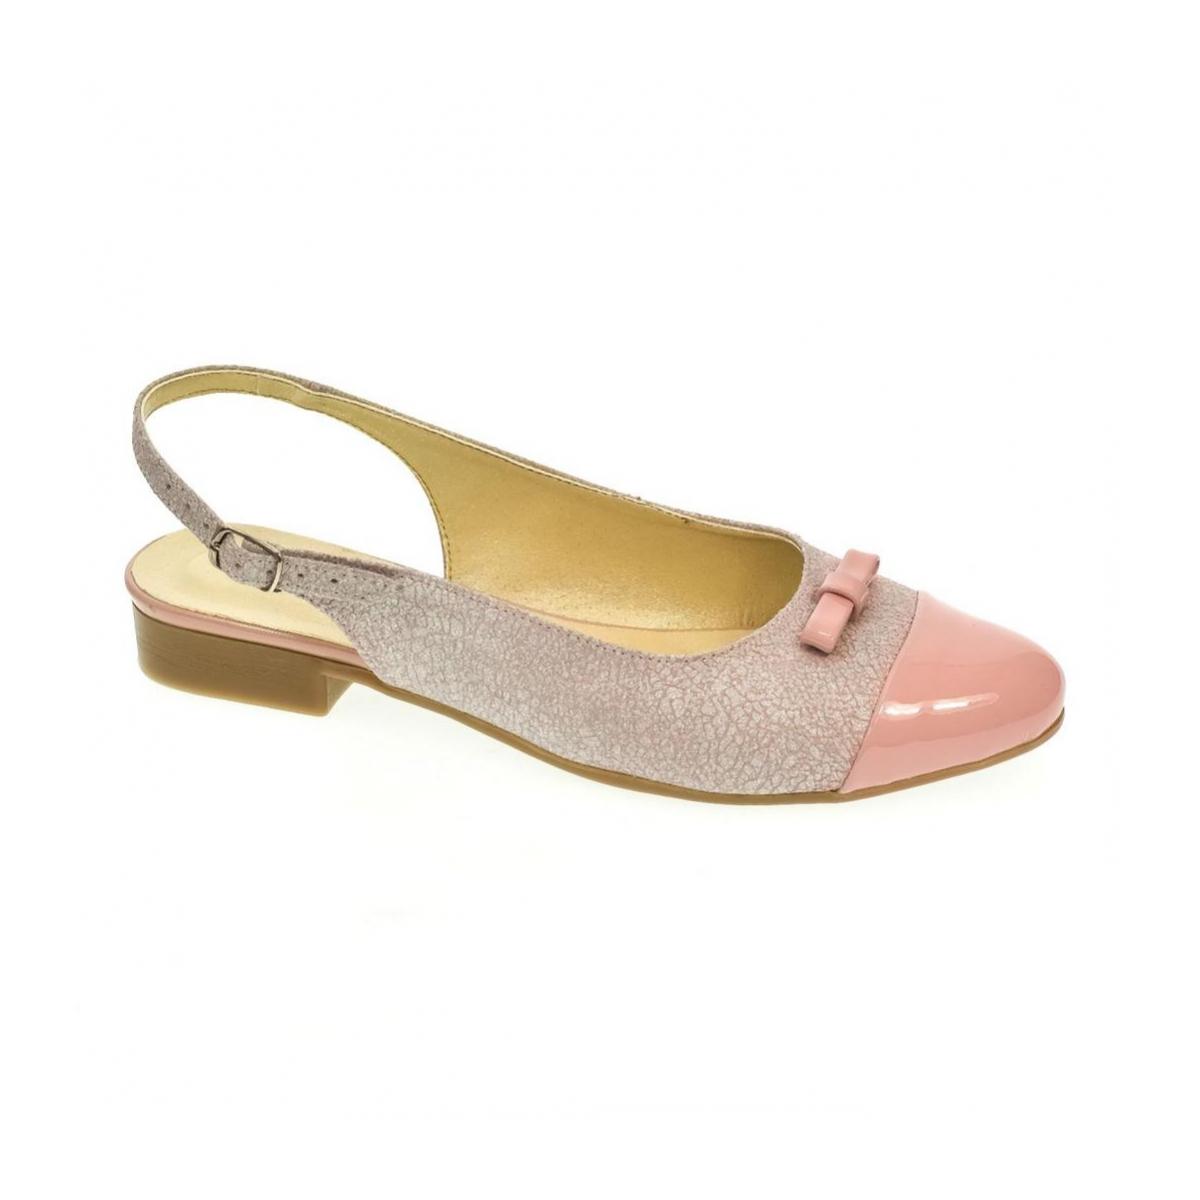 25b8a1536c58 Dámske ružovo-strieborné sandále EVELINE - 4